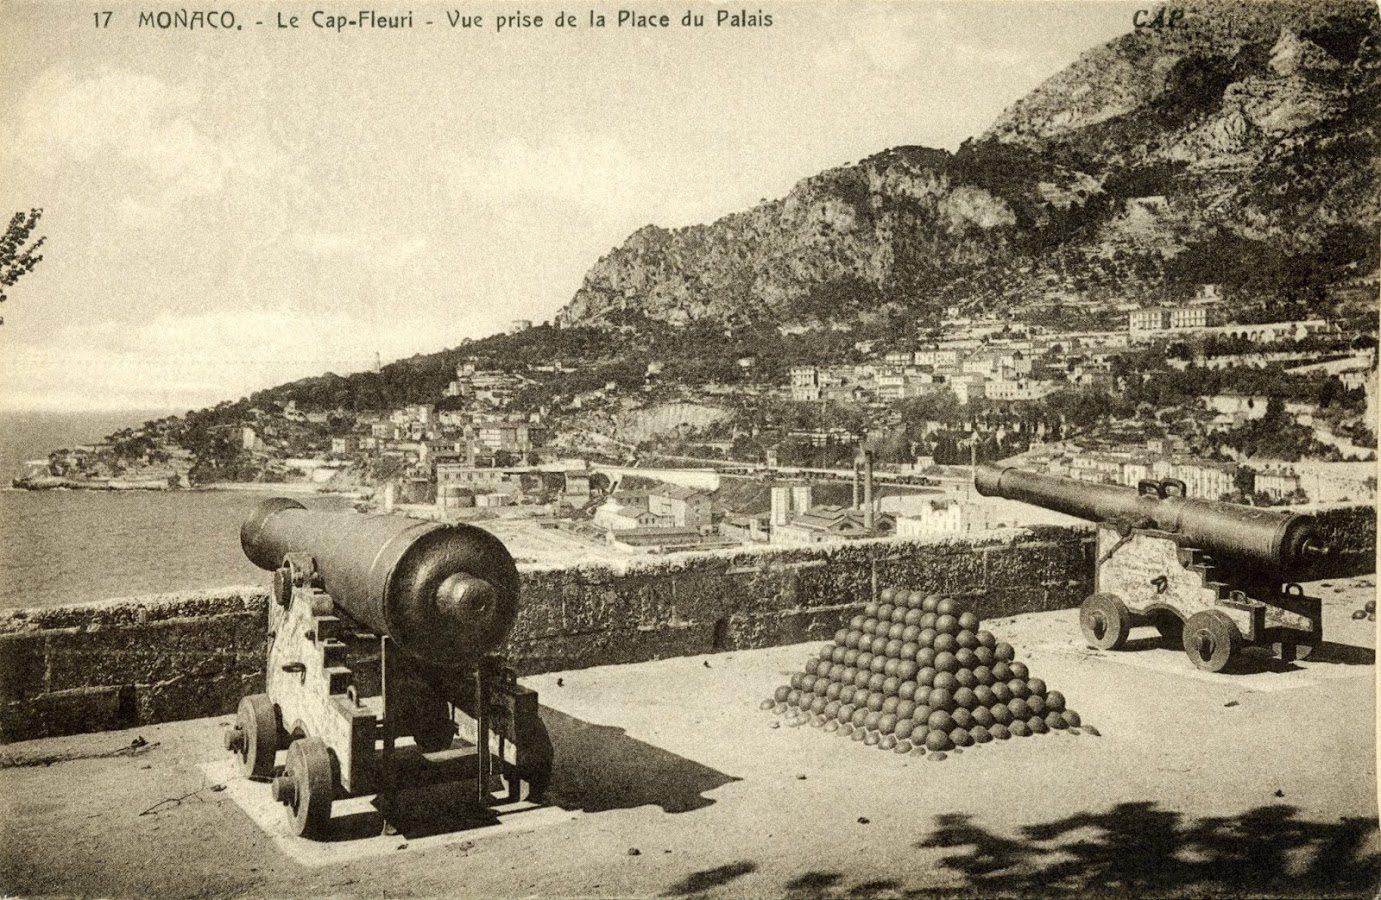 La place du Palais offrait alors une vue dégagée sur le cap Fleuri.